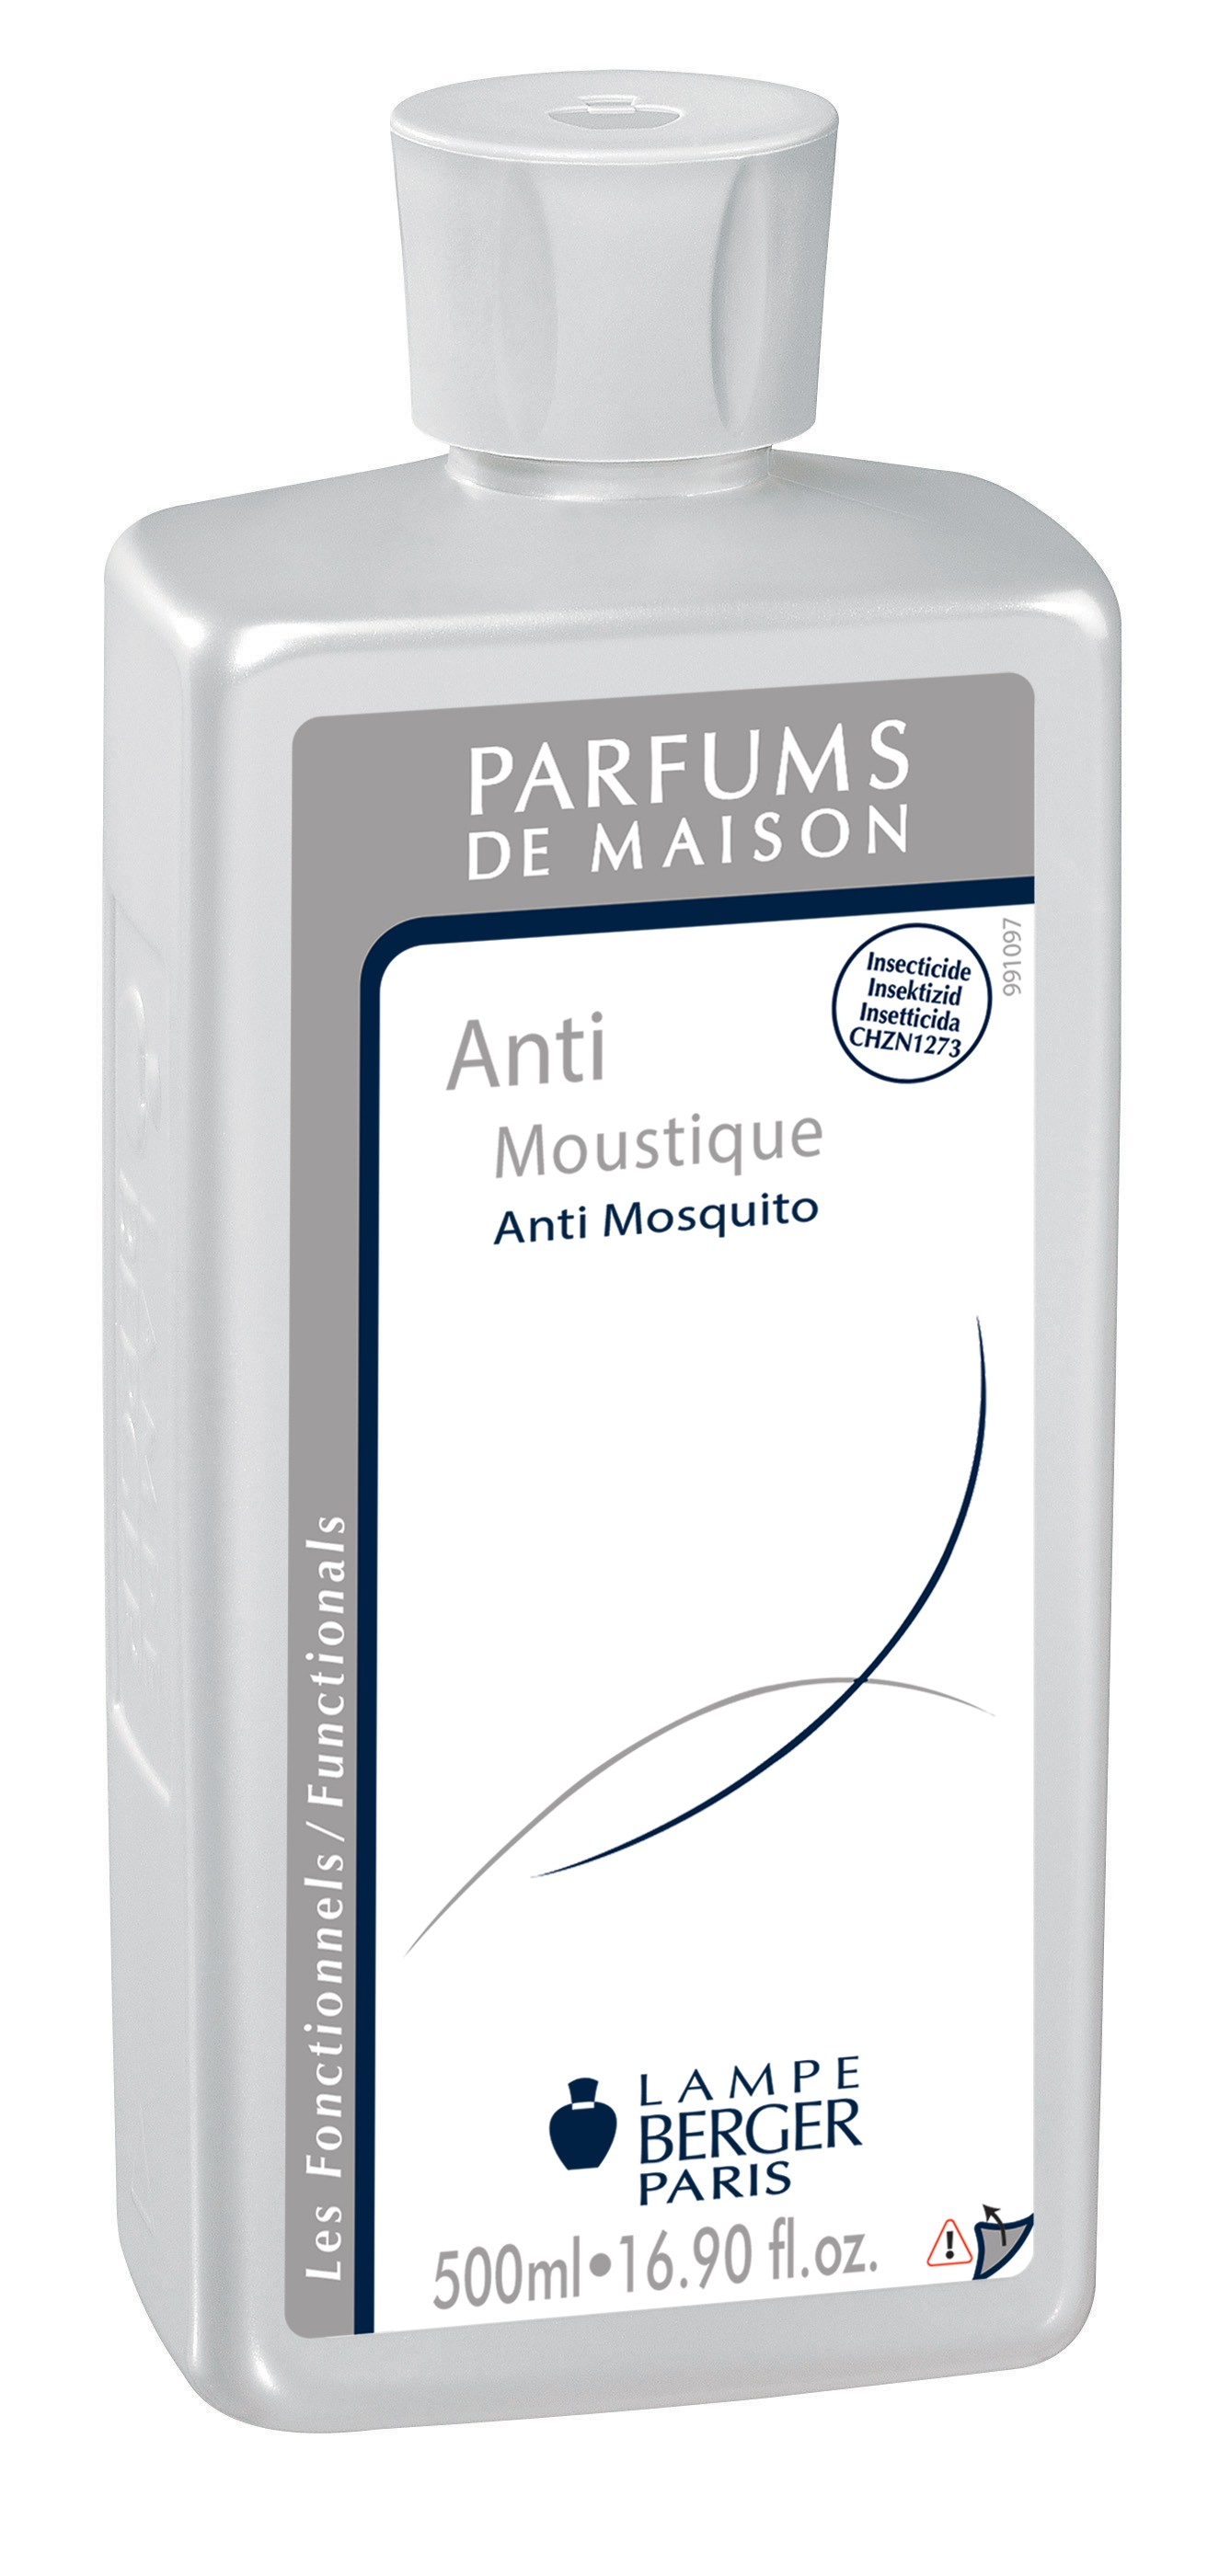 Anti Moustique 500ml